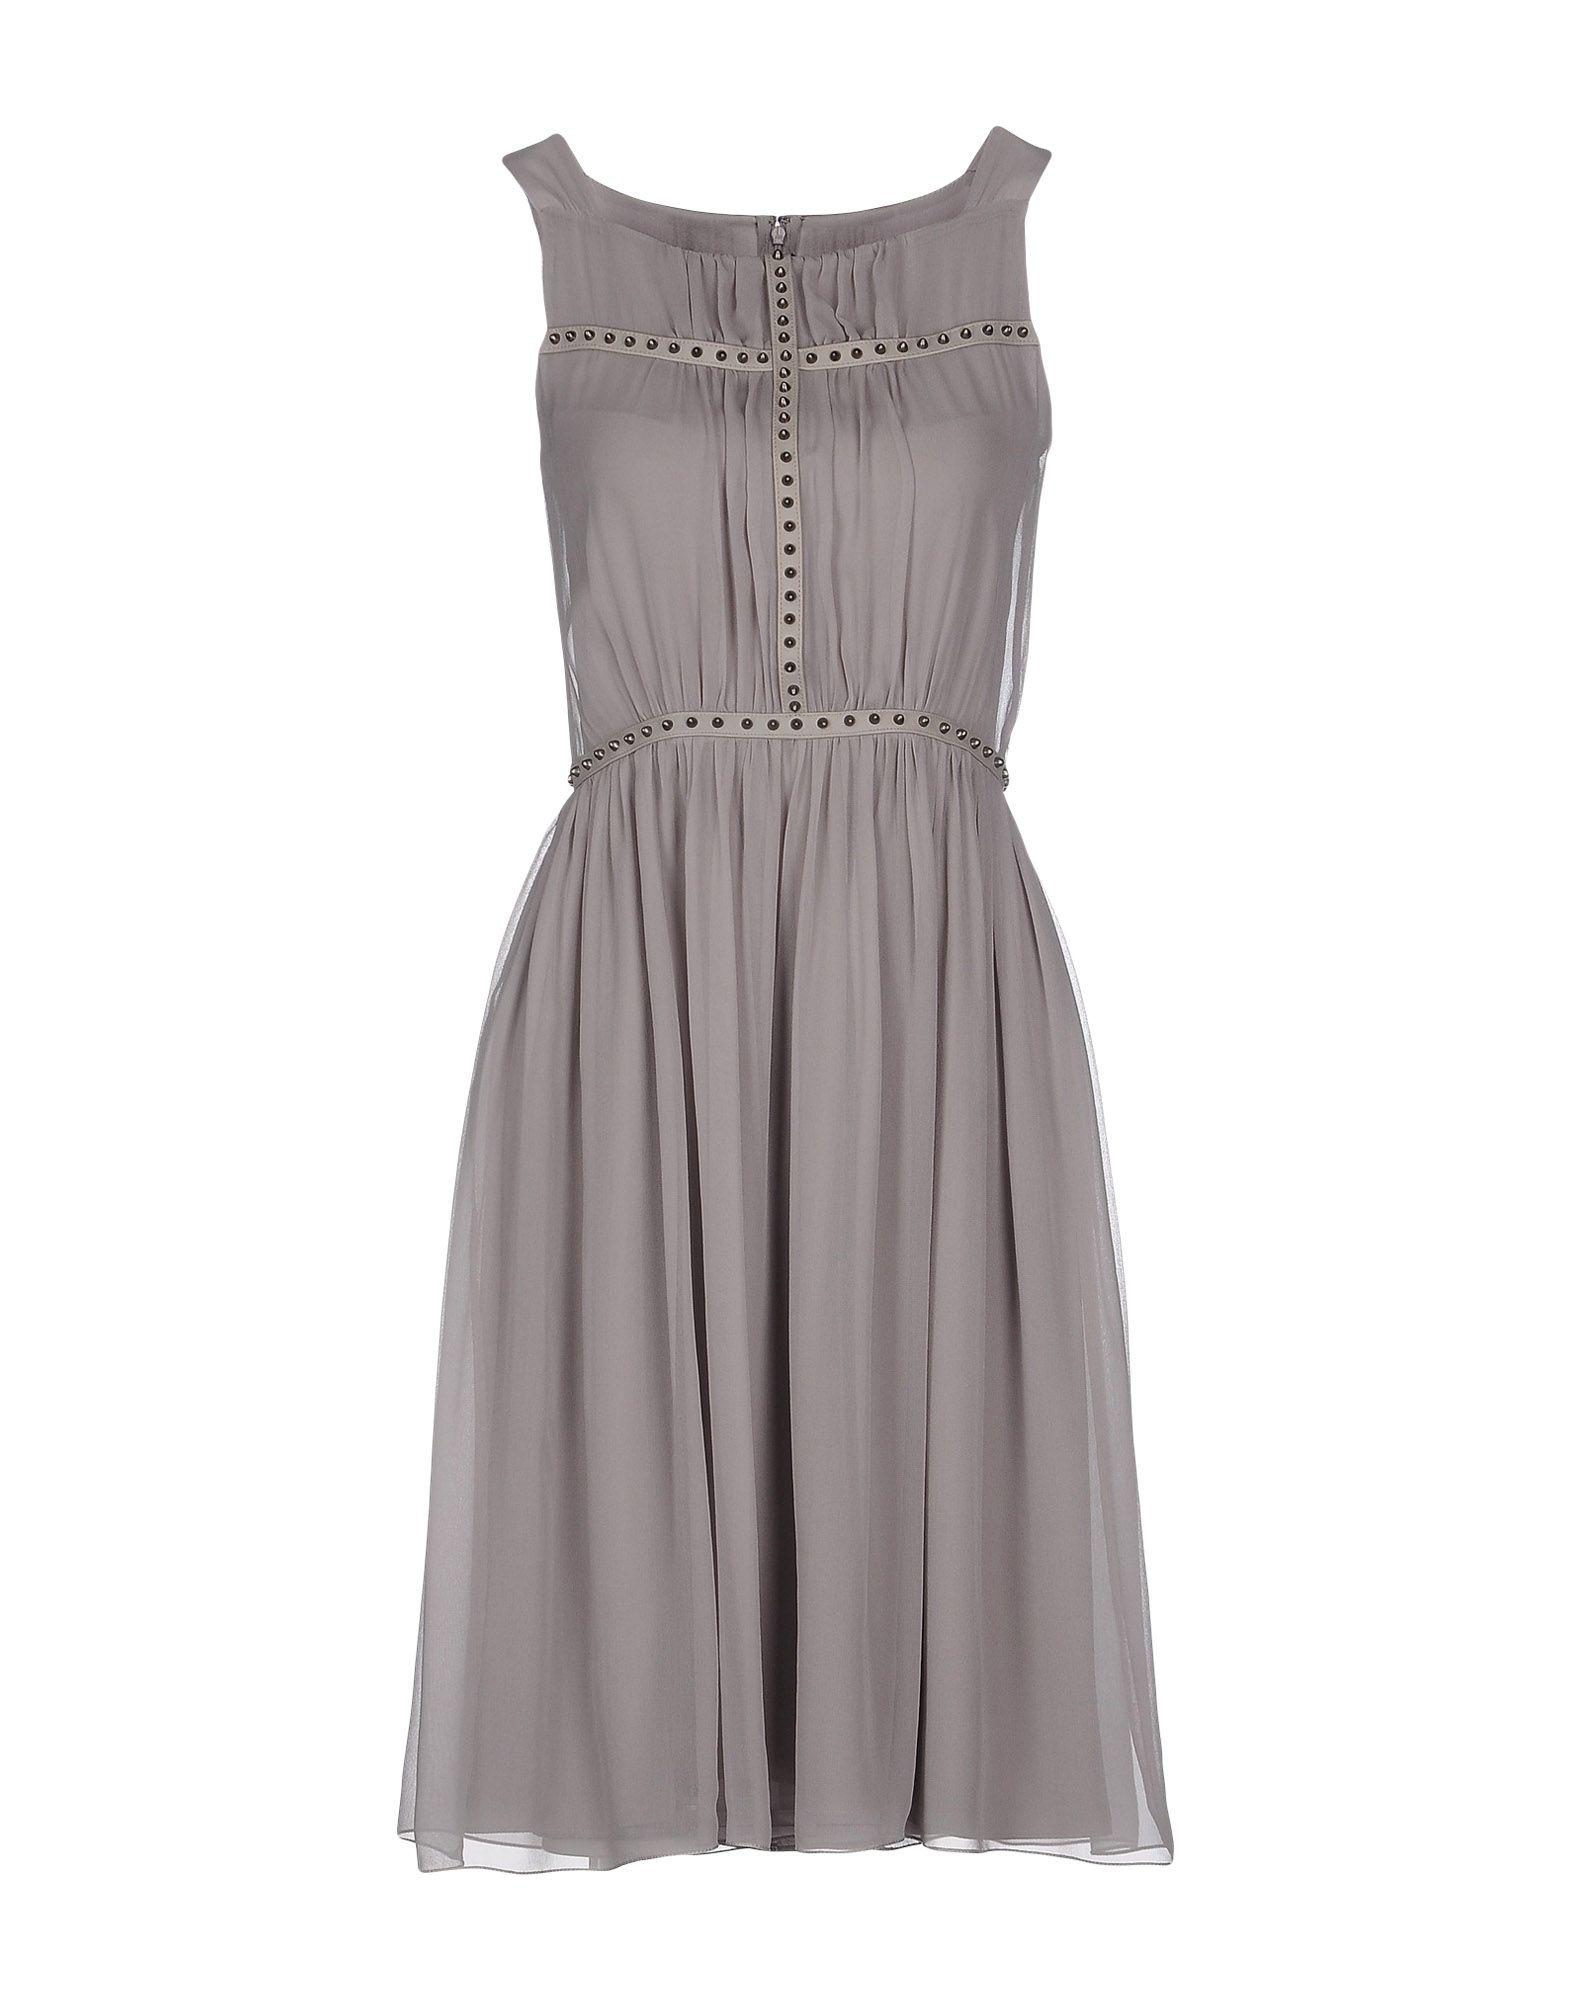 THOMAS WYLDE Короткое платье платье thomas wylde платья и сарафаны приталенные